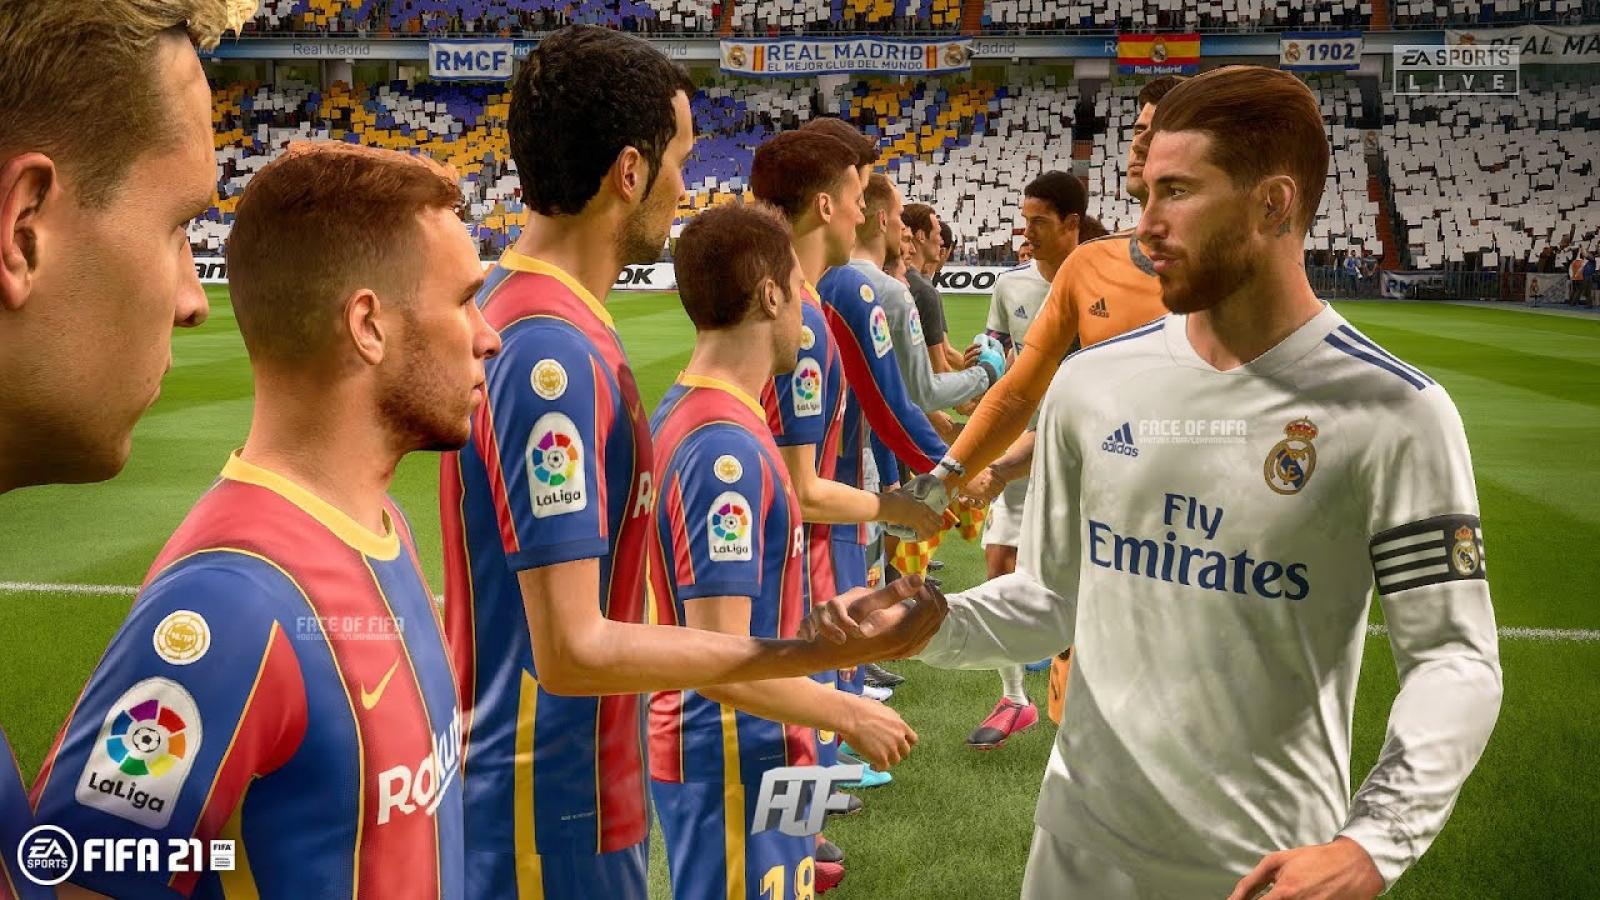 VIDEO: Dự đoán kết quả trận Siêu kinh điển Barca - Real bằng game FIFA 21